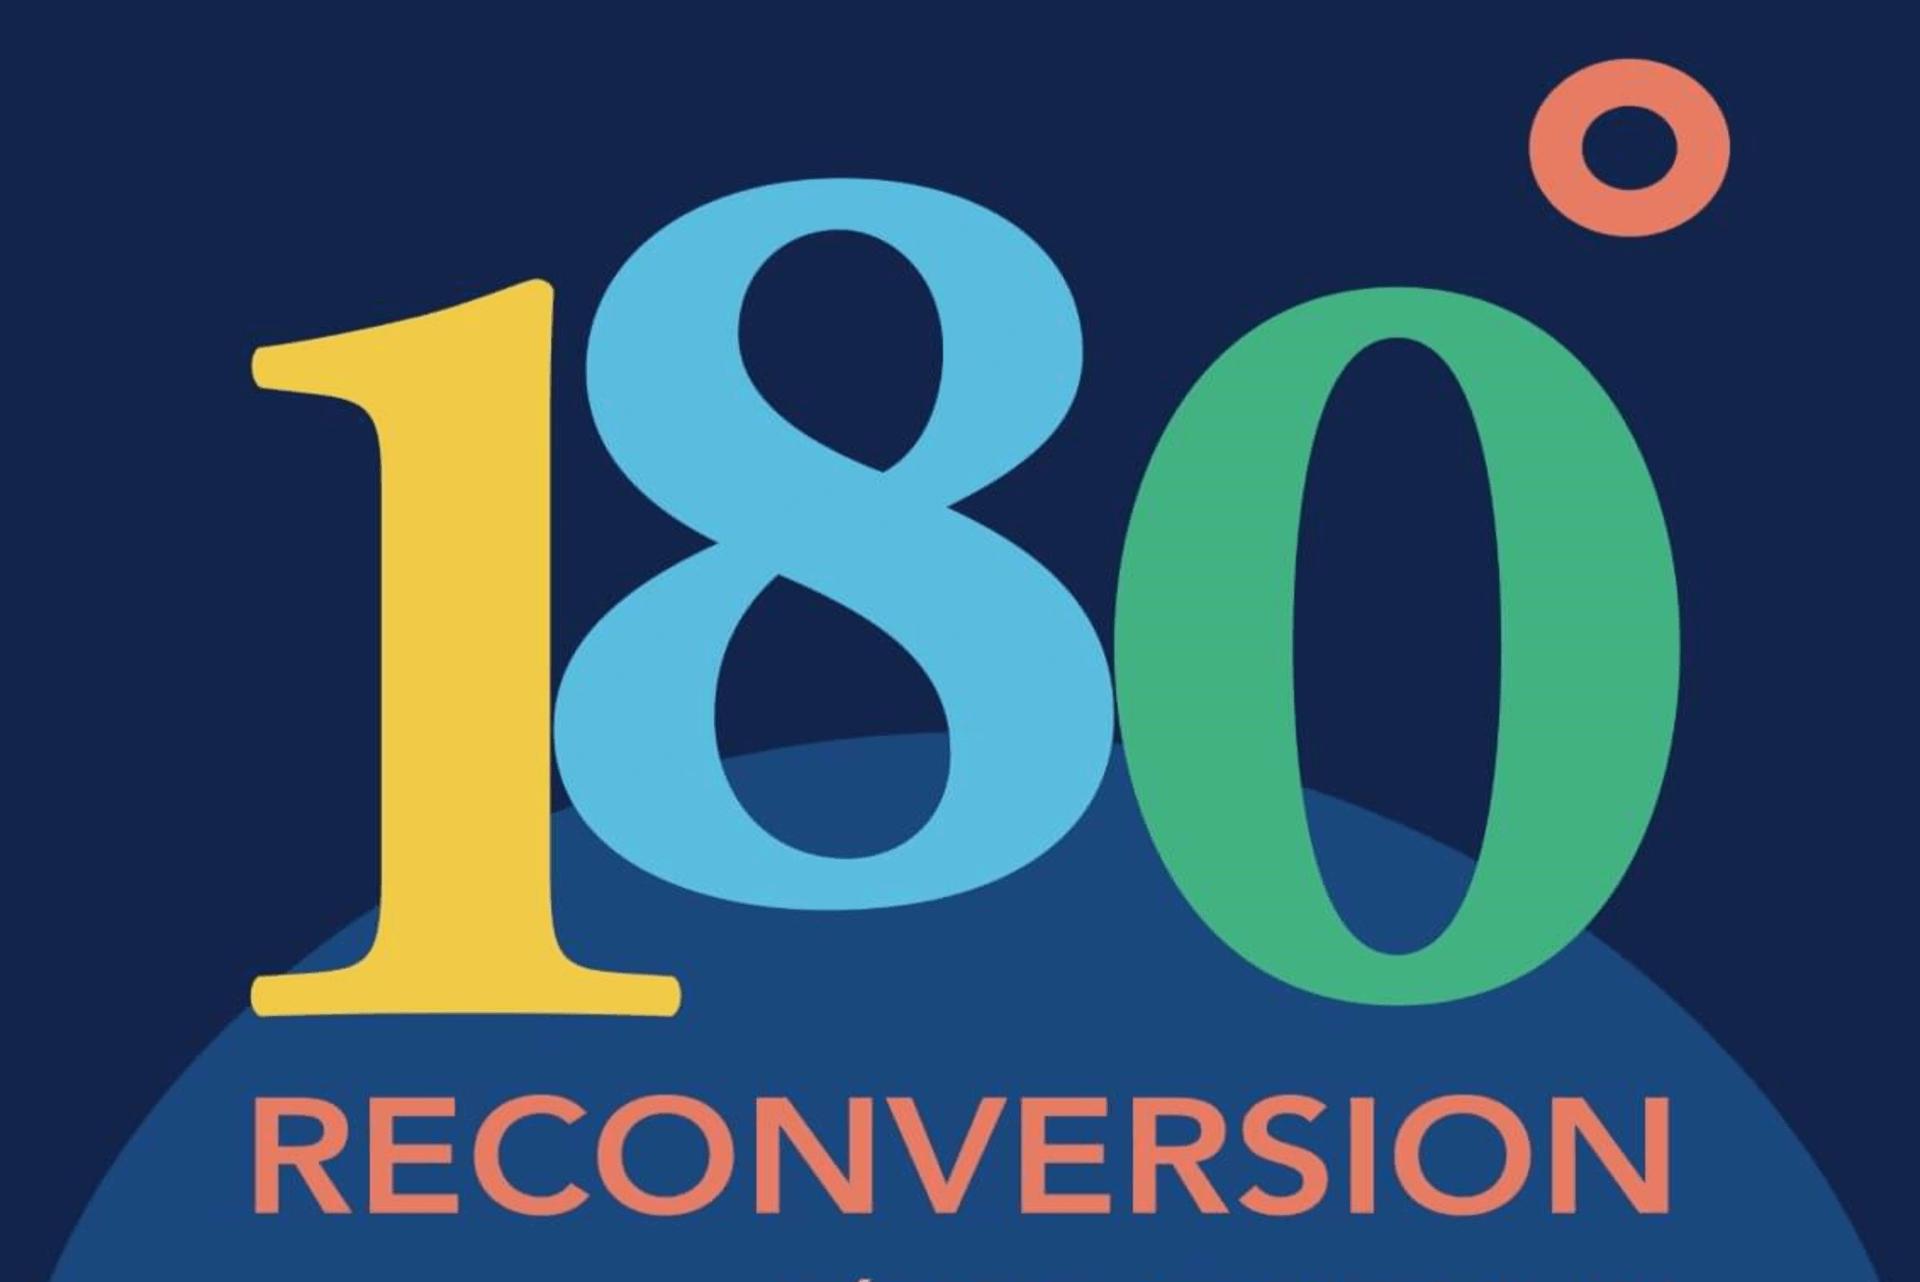 180° Reconversion : réussir le virage de l'entrepreneuriat avec Marjorie Llombart et Magali Perruchini